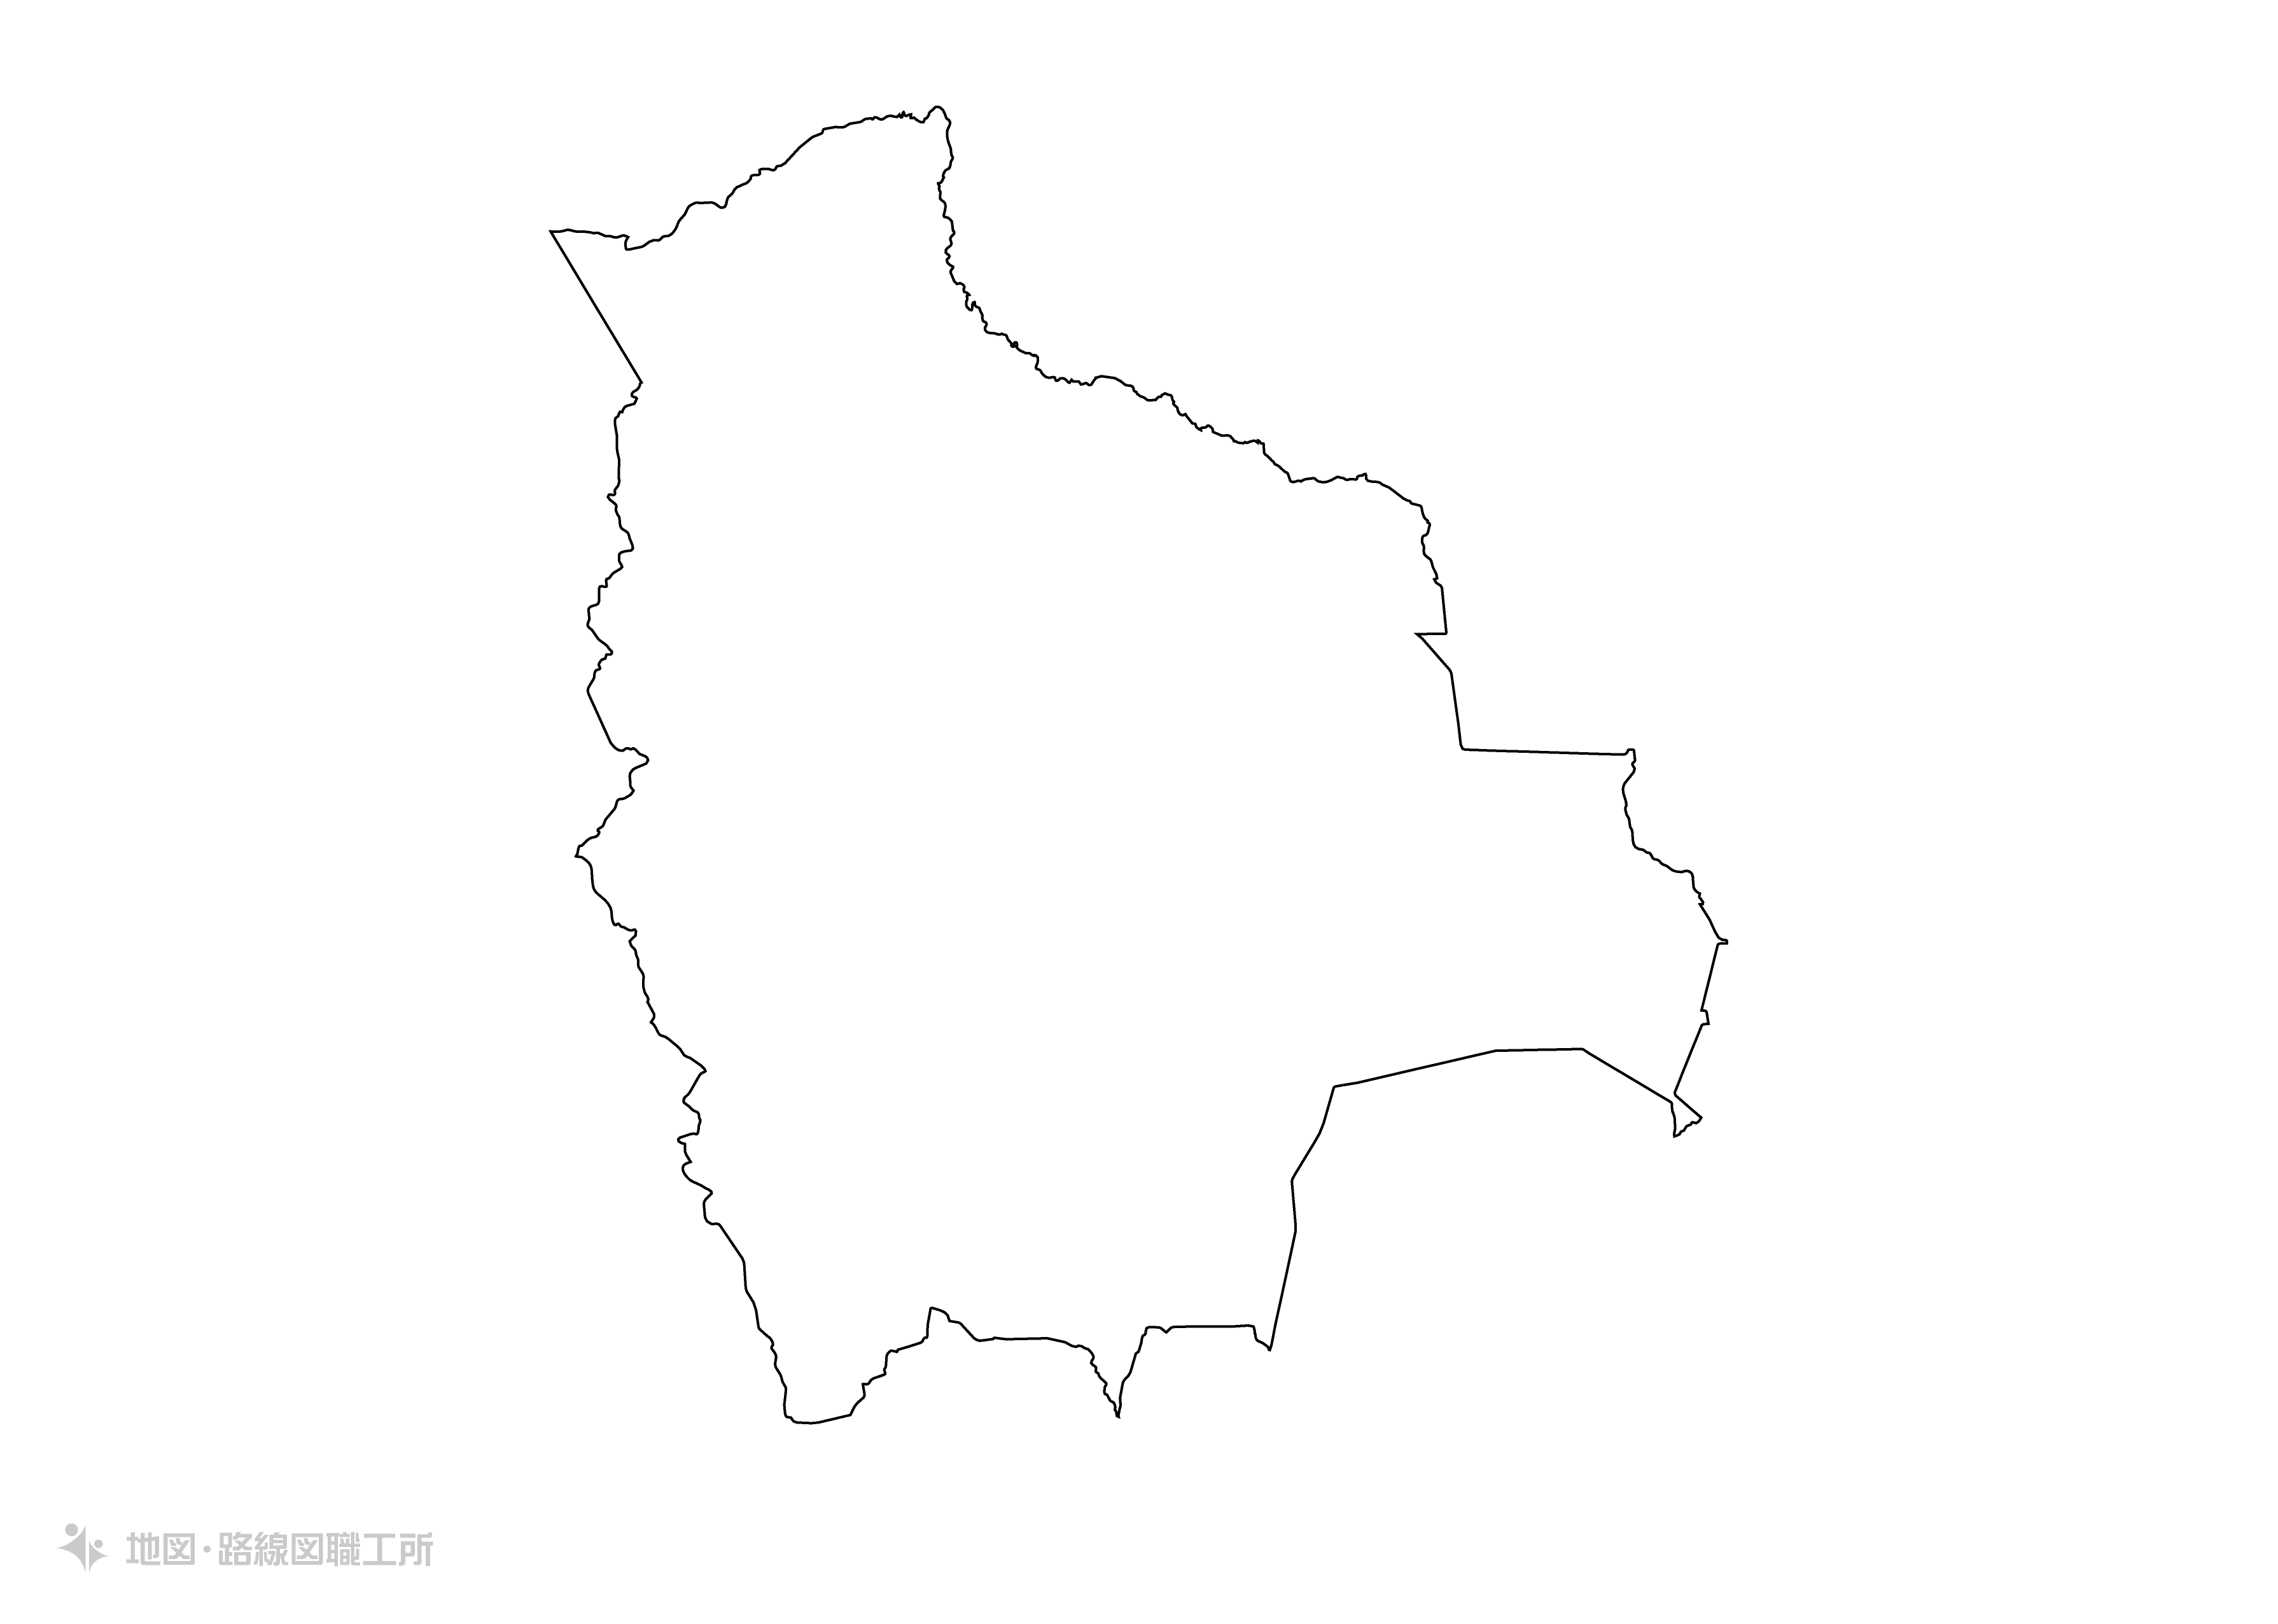 世界の白地図 ボリビア多民族国 plurinational-state-of-bolivia map